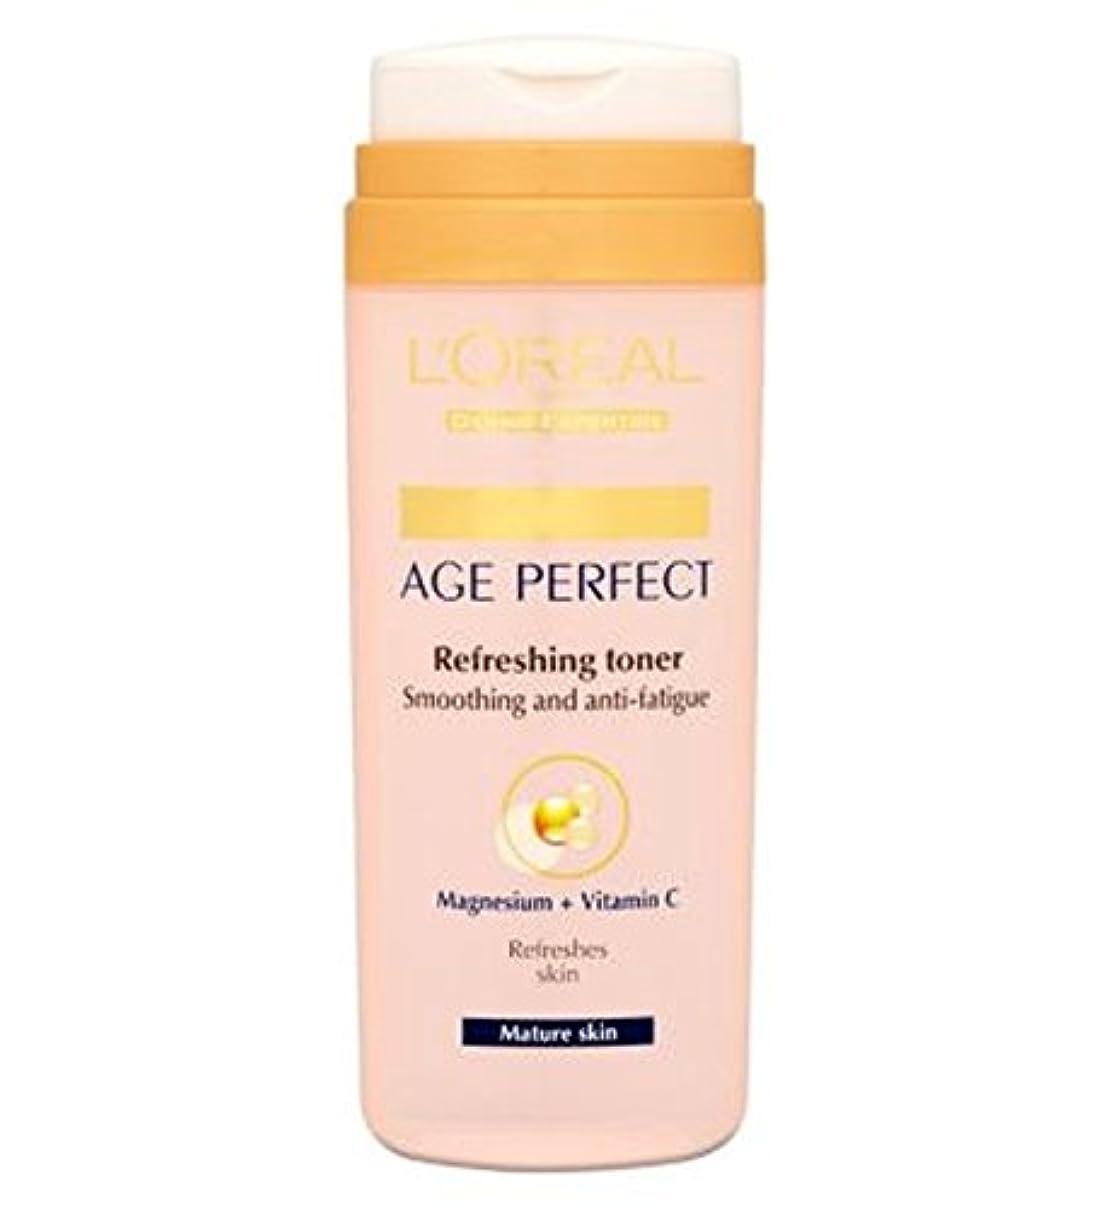 参加するビタミン驚くばかりL'Oreallパリ真皮専門知識の年齢、完璧なさわやかなトナー成熟肌の200ミリリットル (L'Oreal) (x2) - L'Oreall Paris Dermo-Expertise Age Perfect Refreshing Toner Mature Skin 200ml (Pack of 2) [並行輸入品]